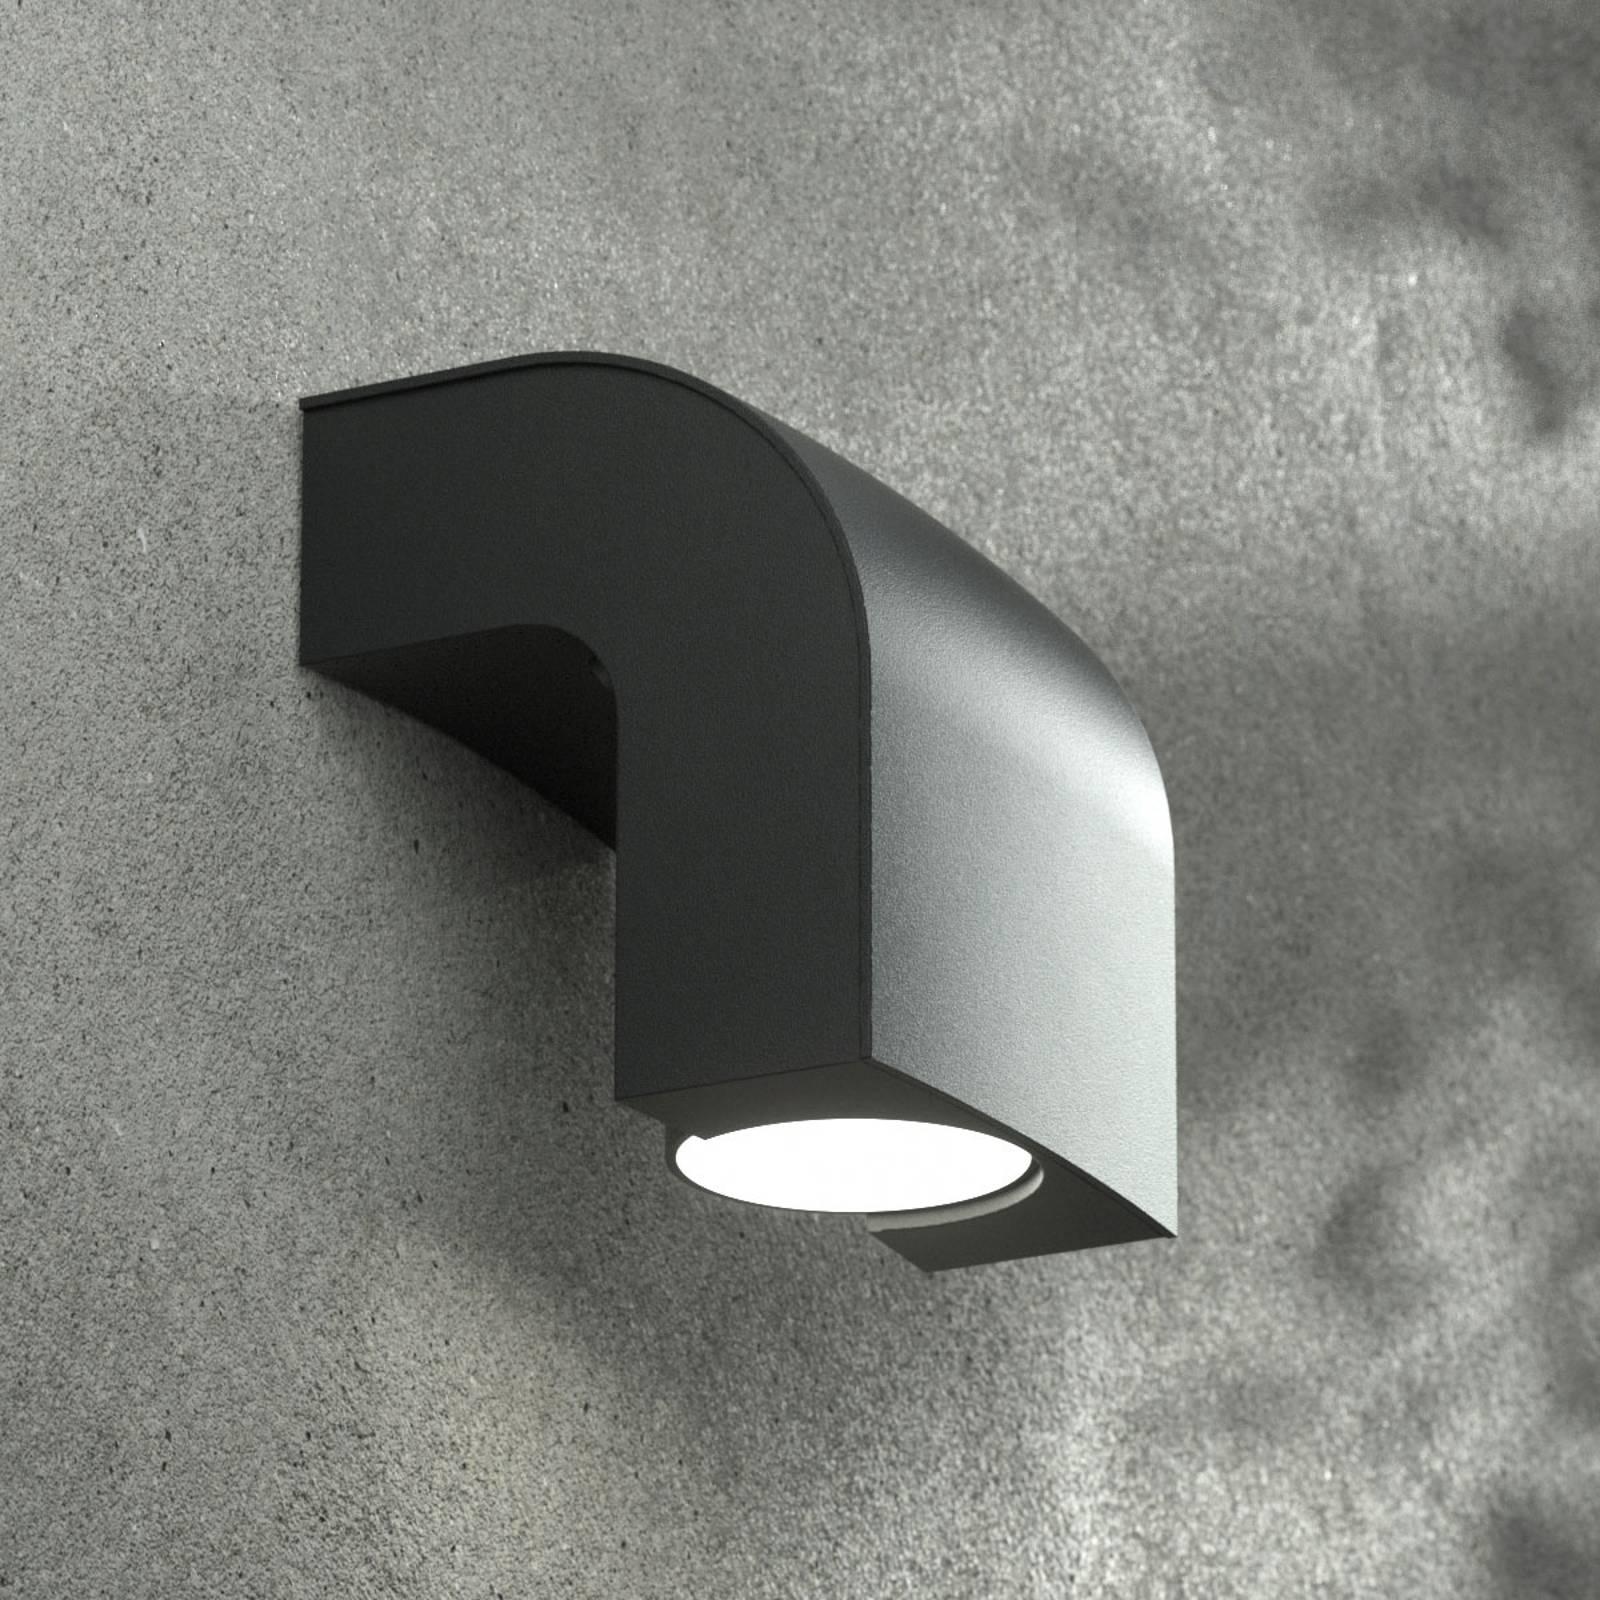 Buitenwandlamp KLAMP, hoogte 13 cm, 1-lamp